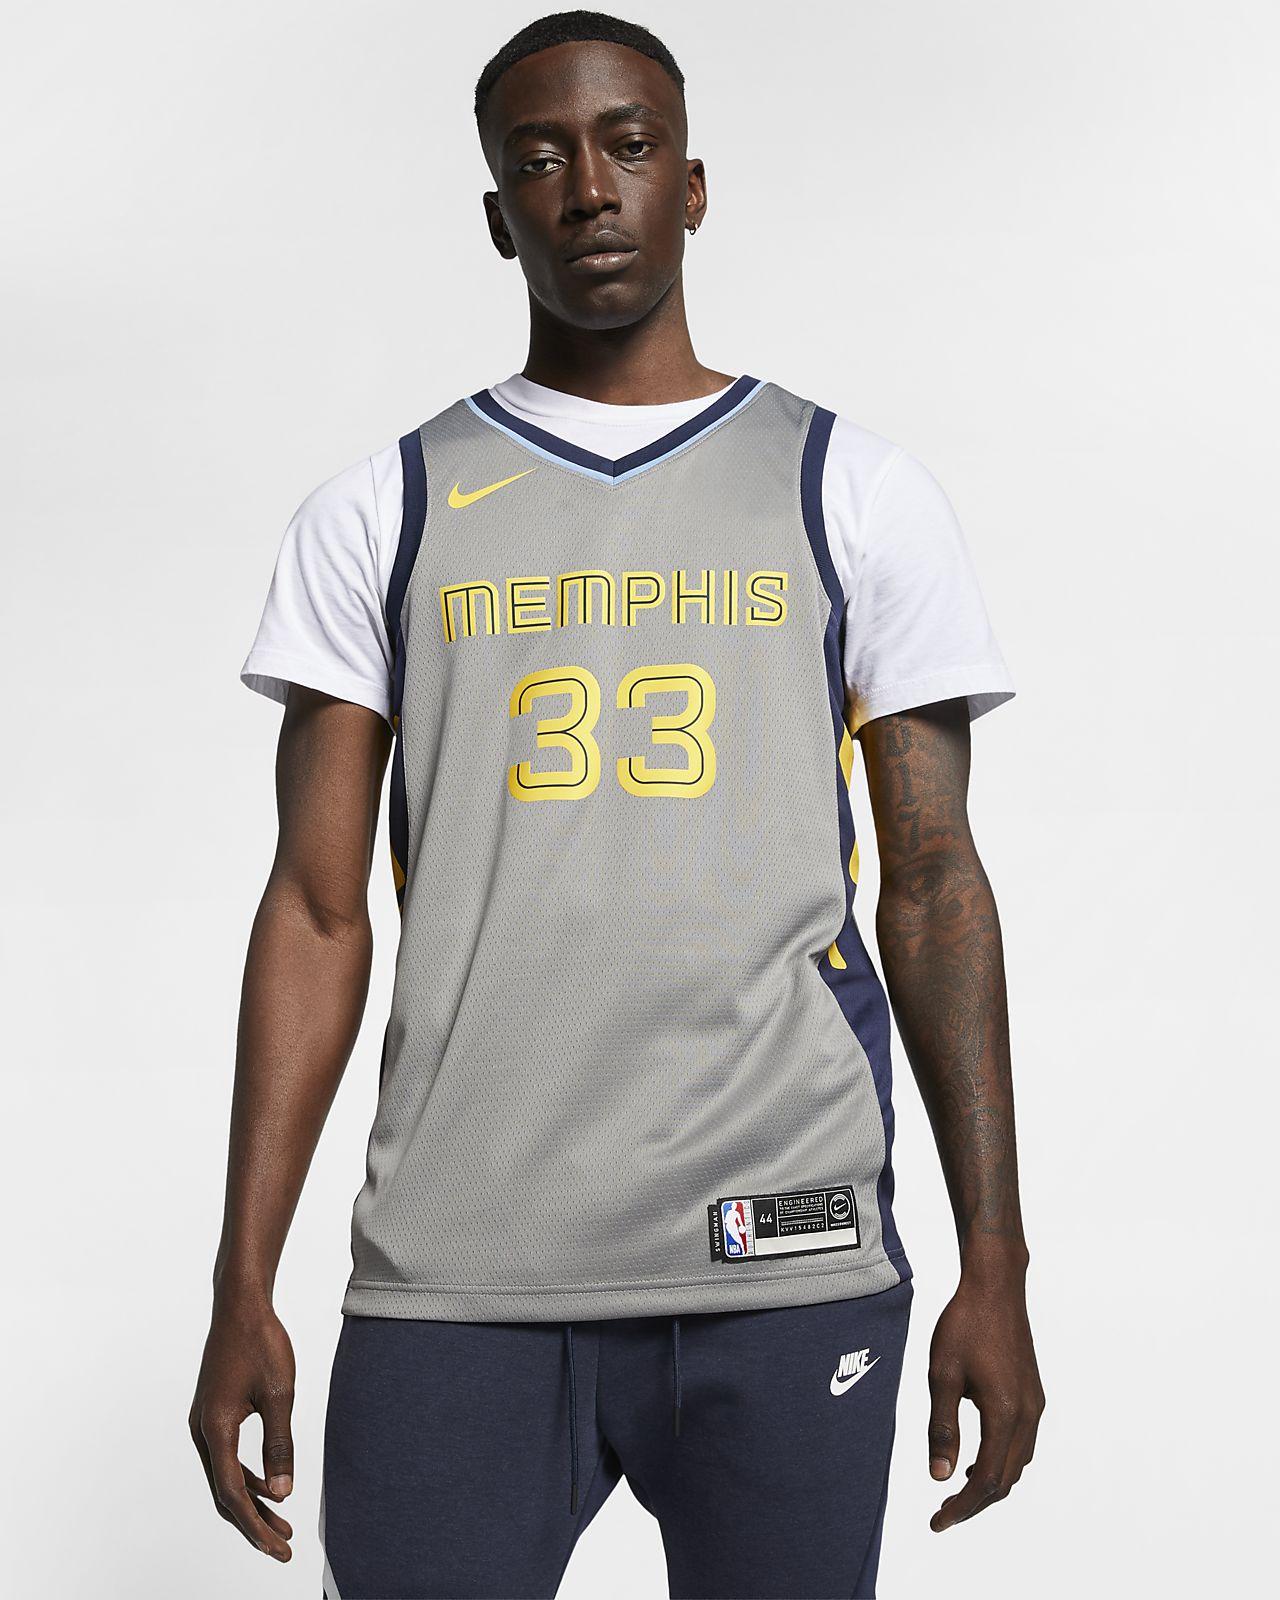 Camisola com ligação à NBA da Nike Marc Gasol City Edition Swingman (Memphis Grizzlies) para homem